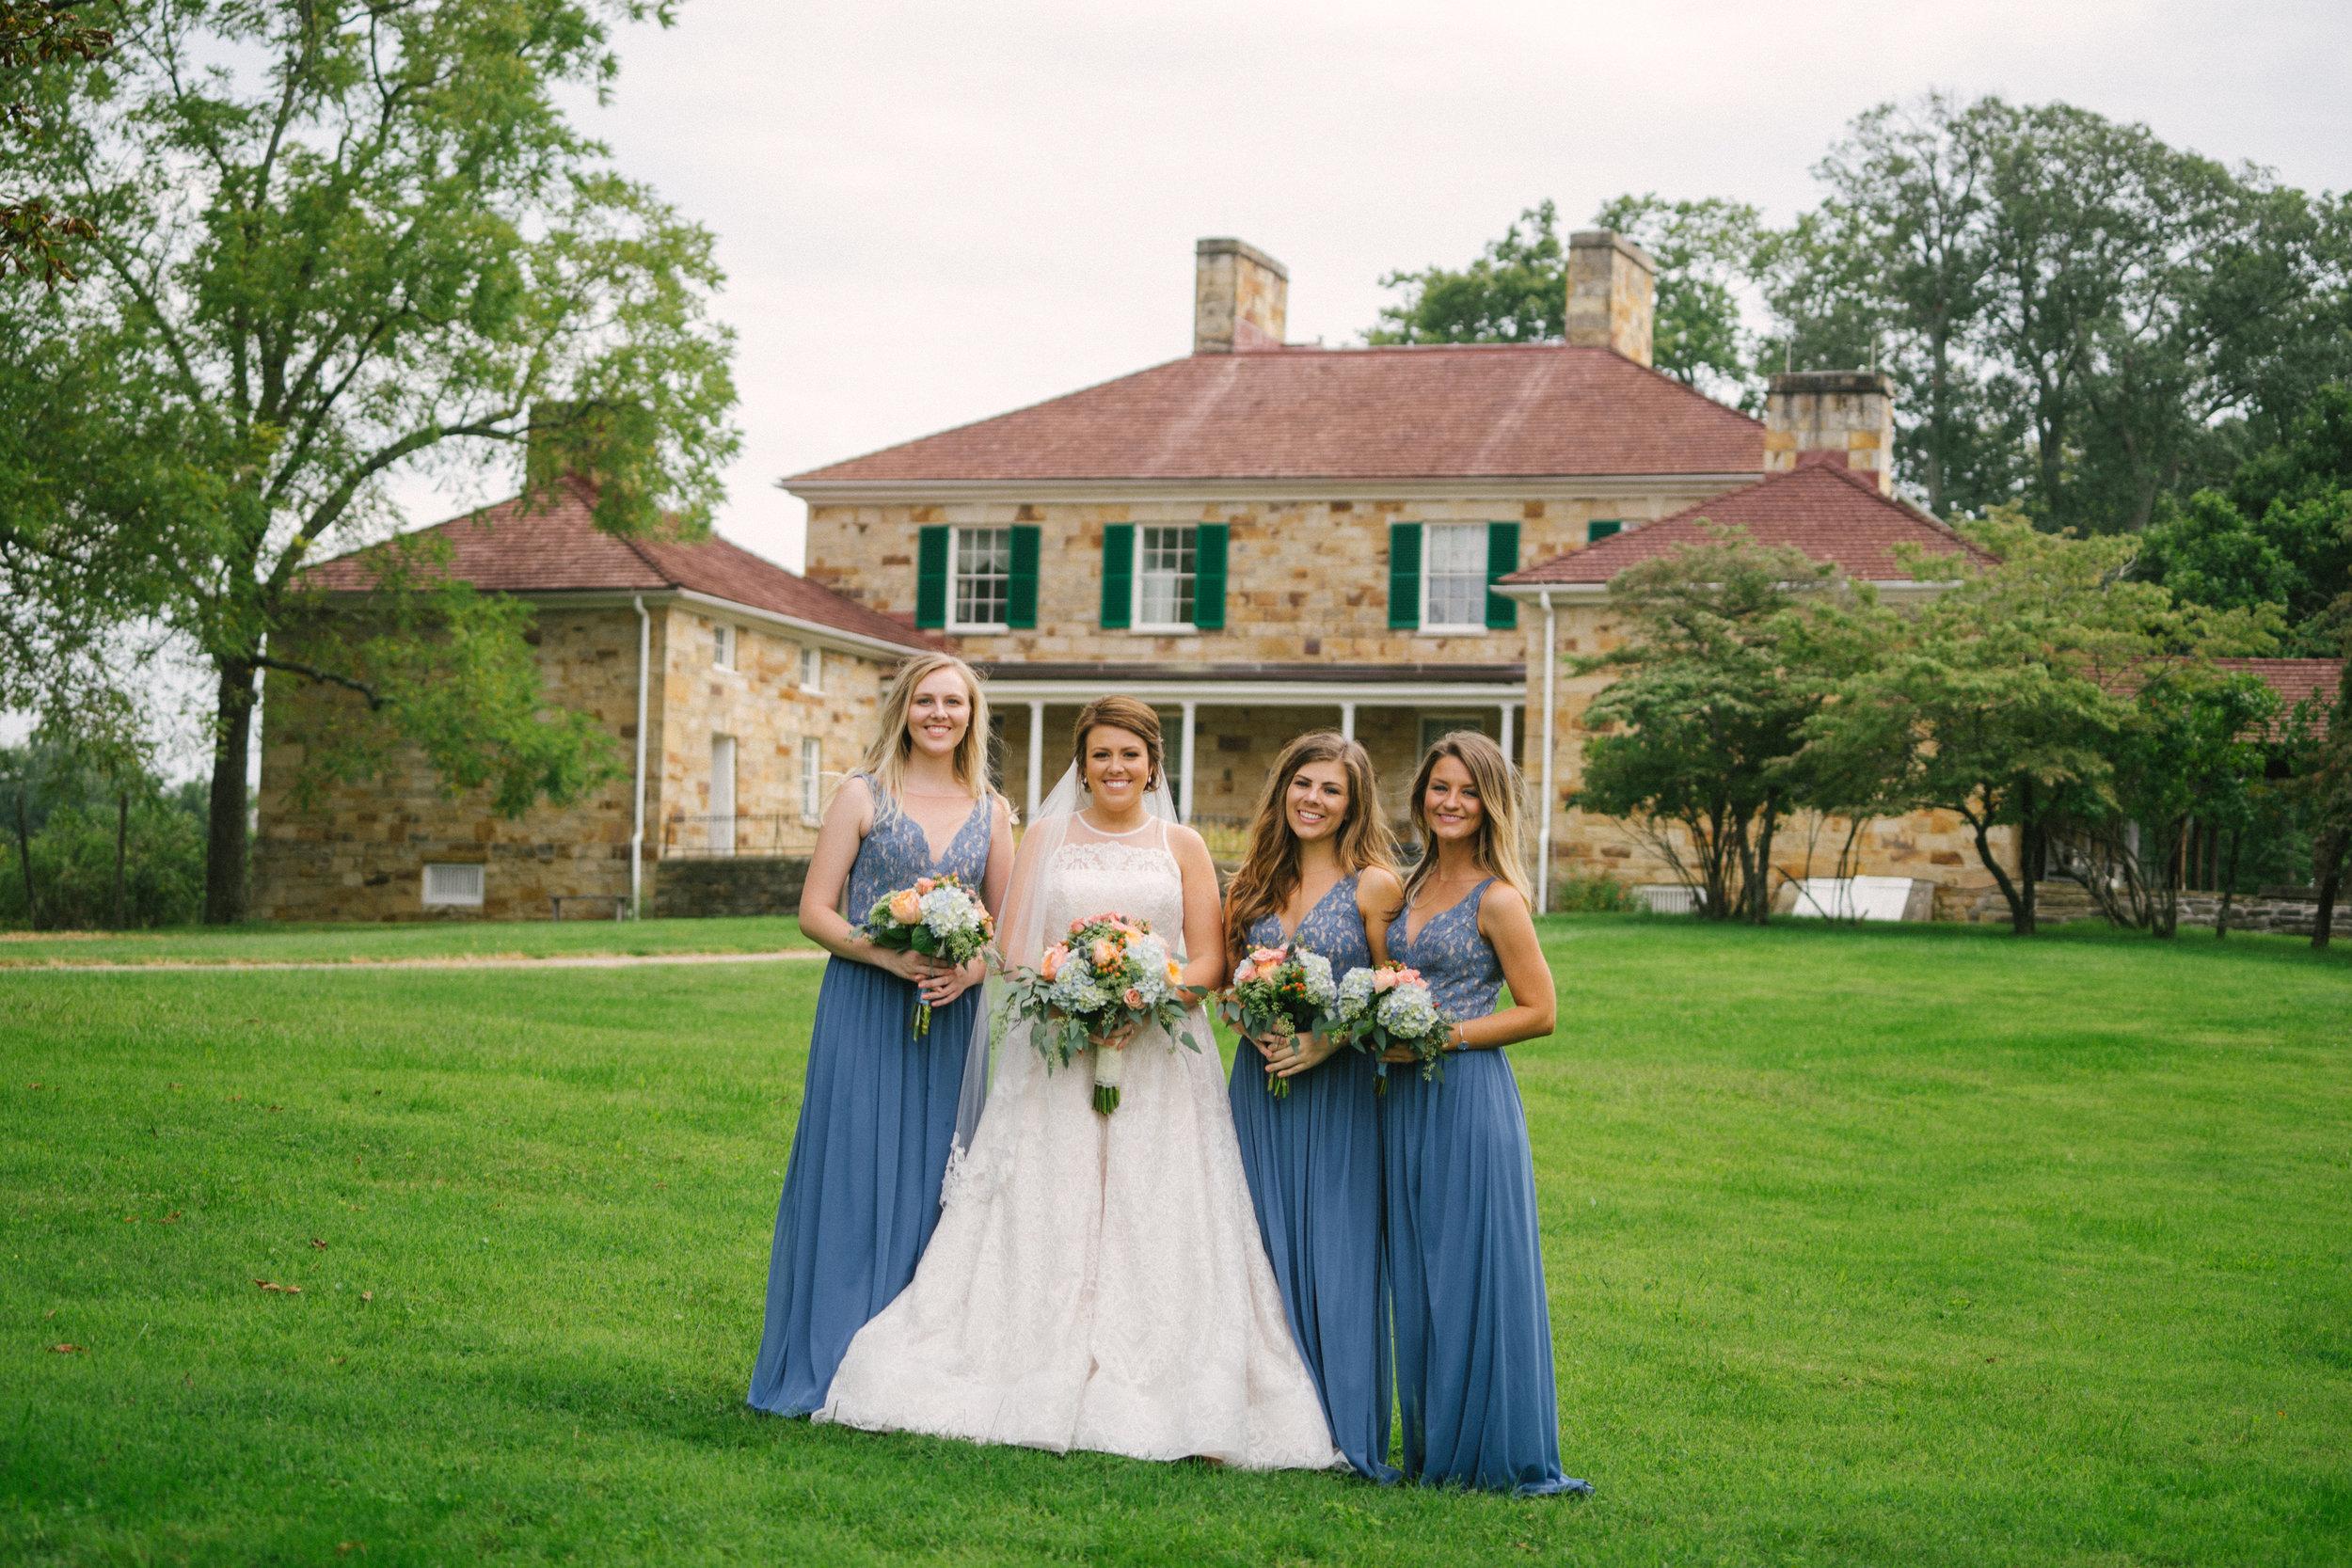 wedding2-87.jpg